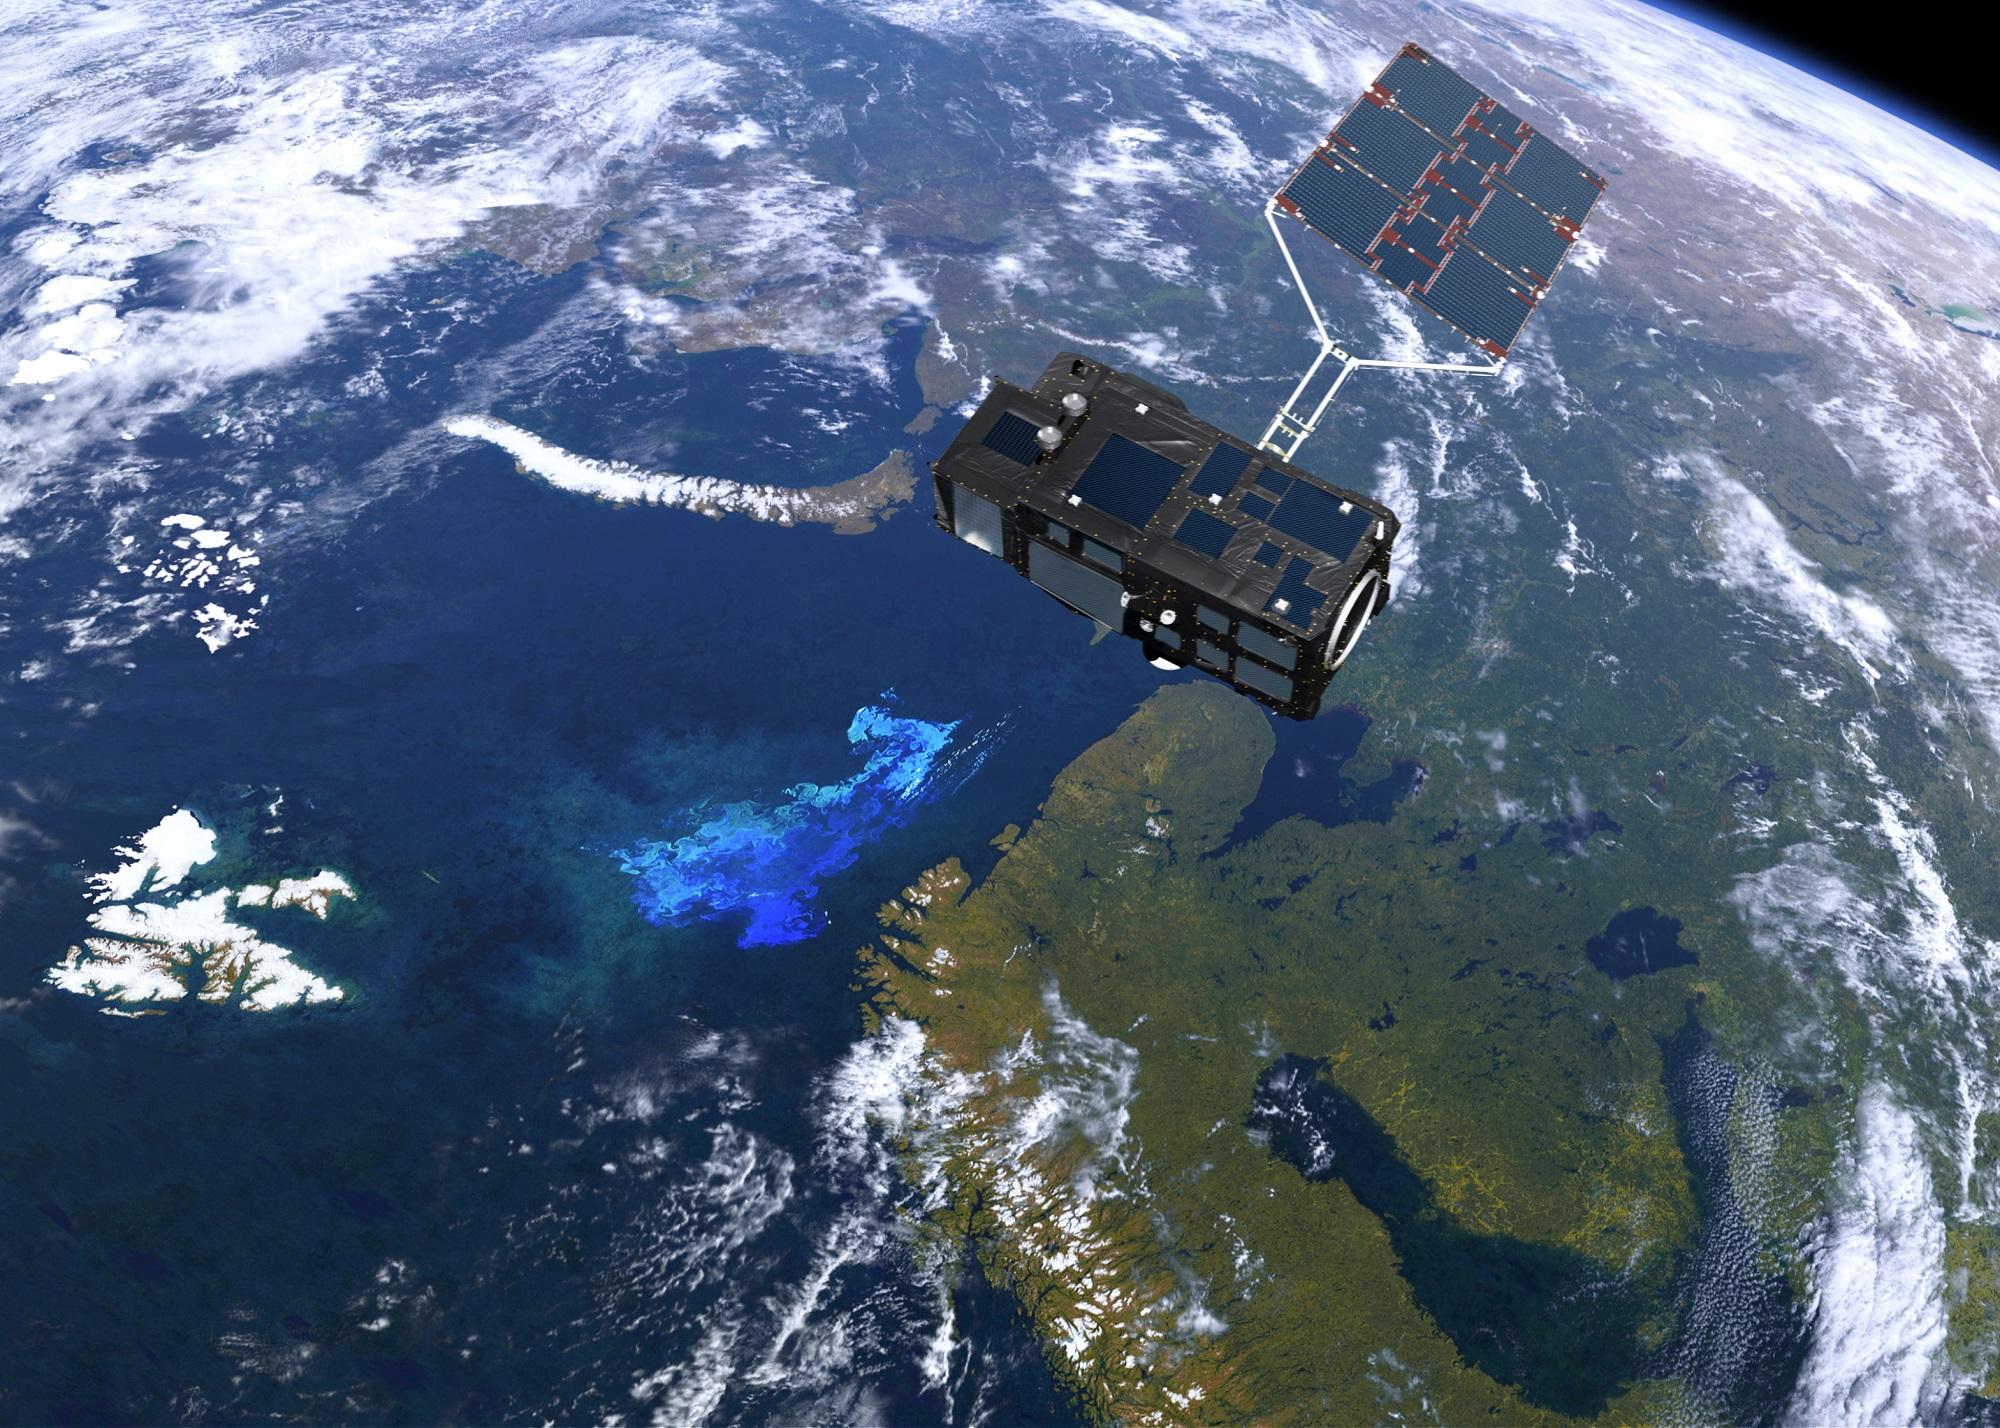 Sentinel-3 måler blant annet temperatur, sirkulasjon, farge, bølgehøyde og fotosyntese i havet. Grafikk: ESA/ATG Medialab